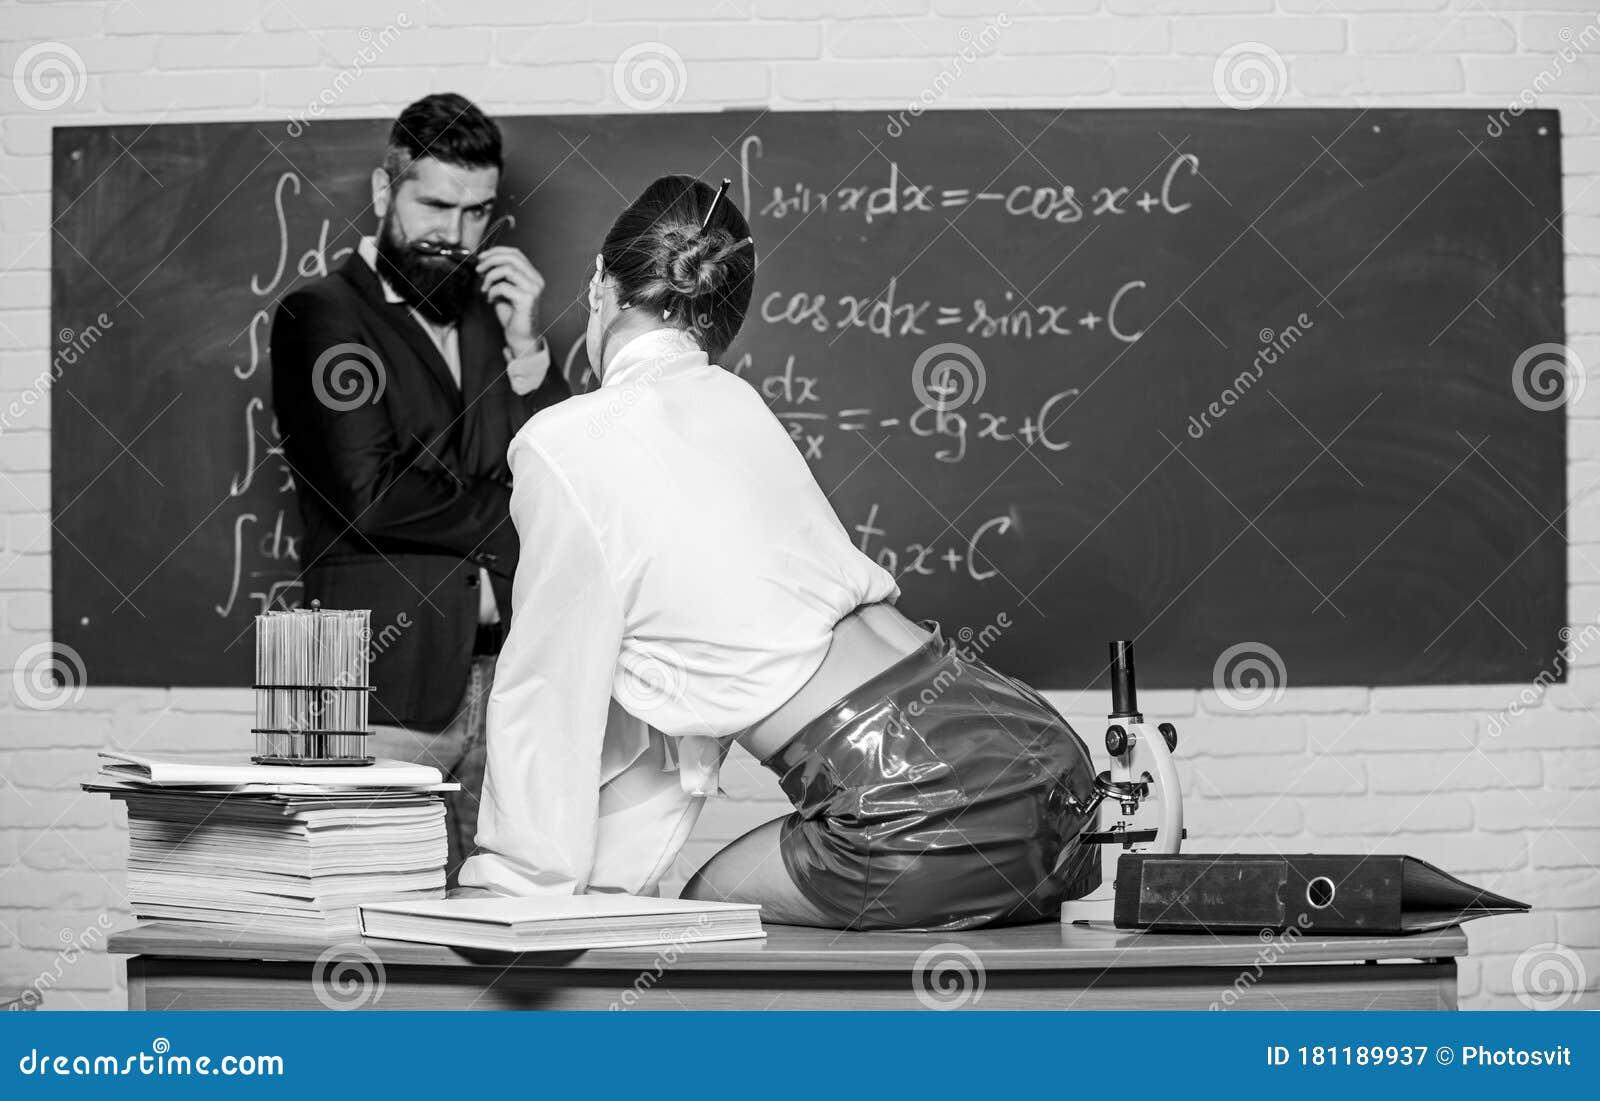 Verführt Schule Lehrer Mädchen Gymnasiast Mädchen